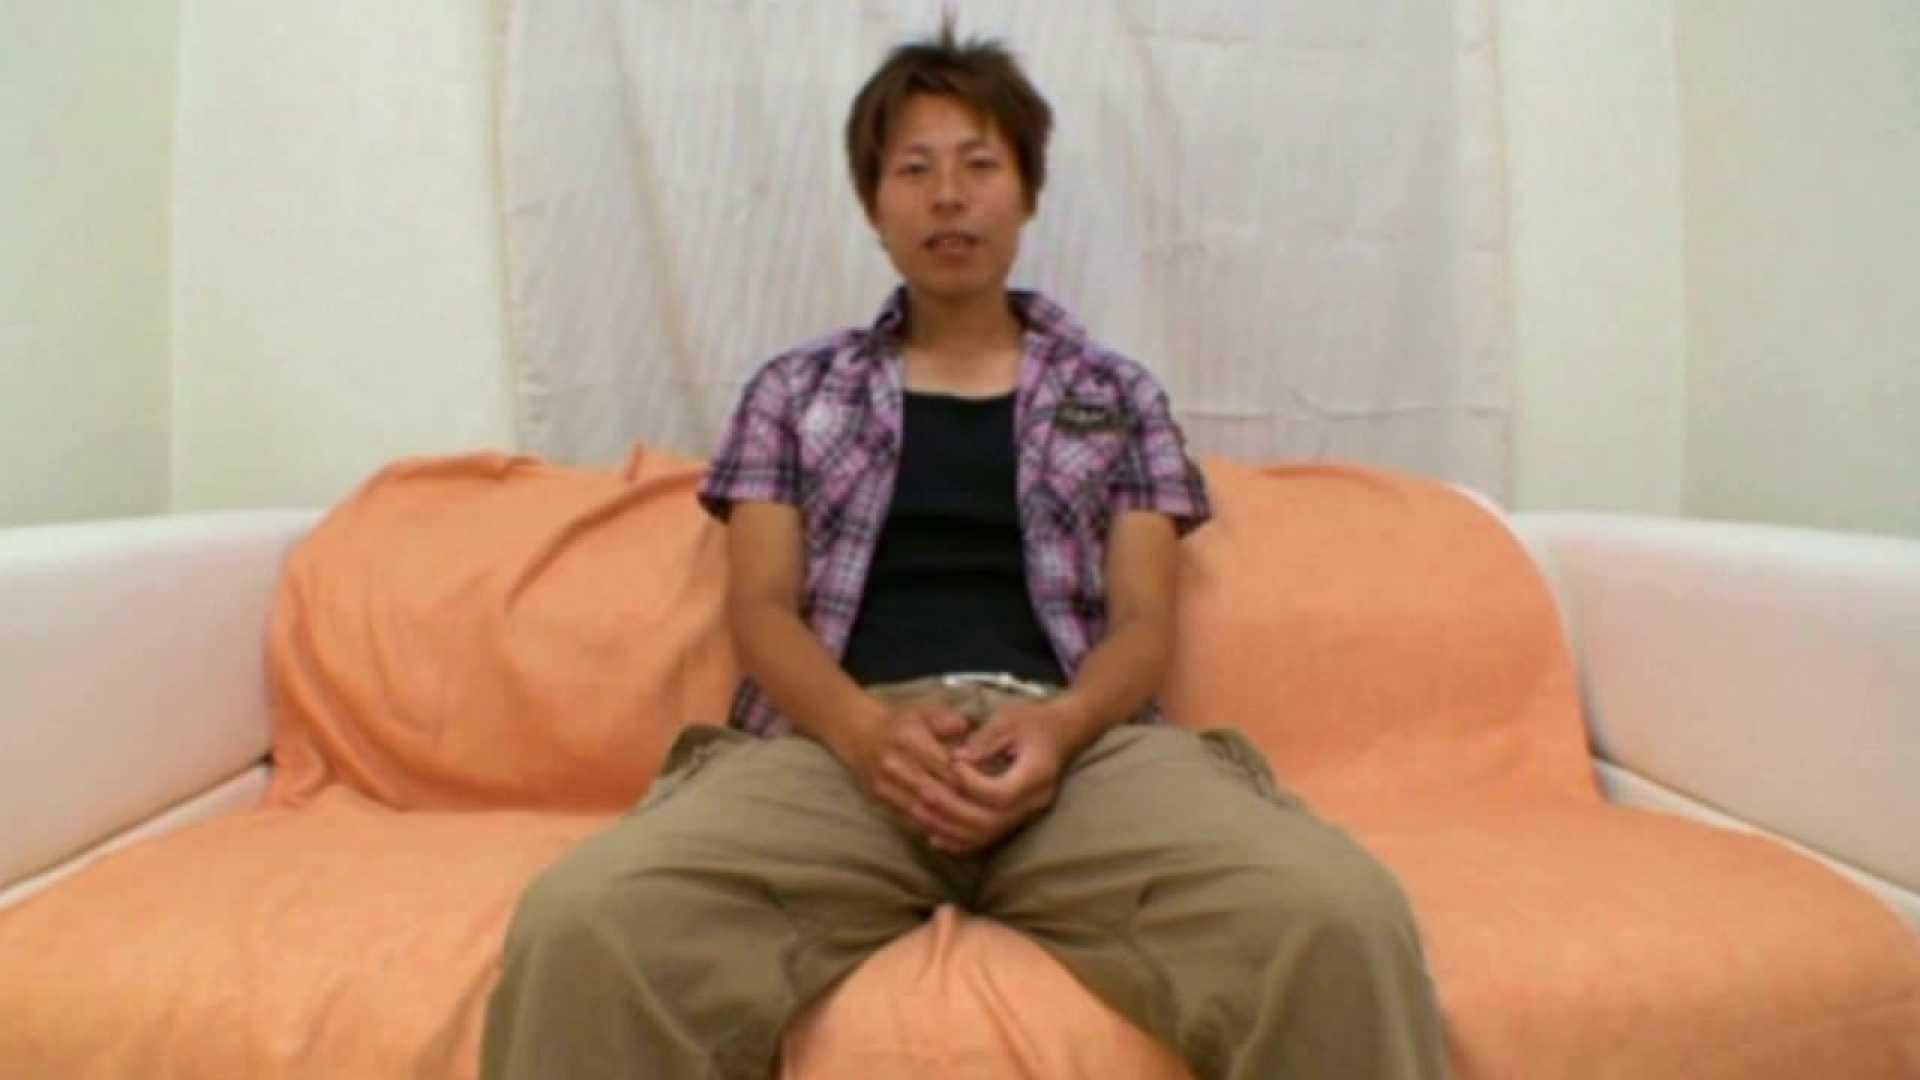 ノンケ!自慰スタジオ No.10 オナニー アダルトビデオ画像キャプチャ 113枚 61